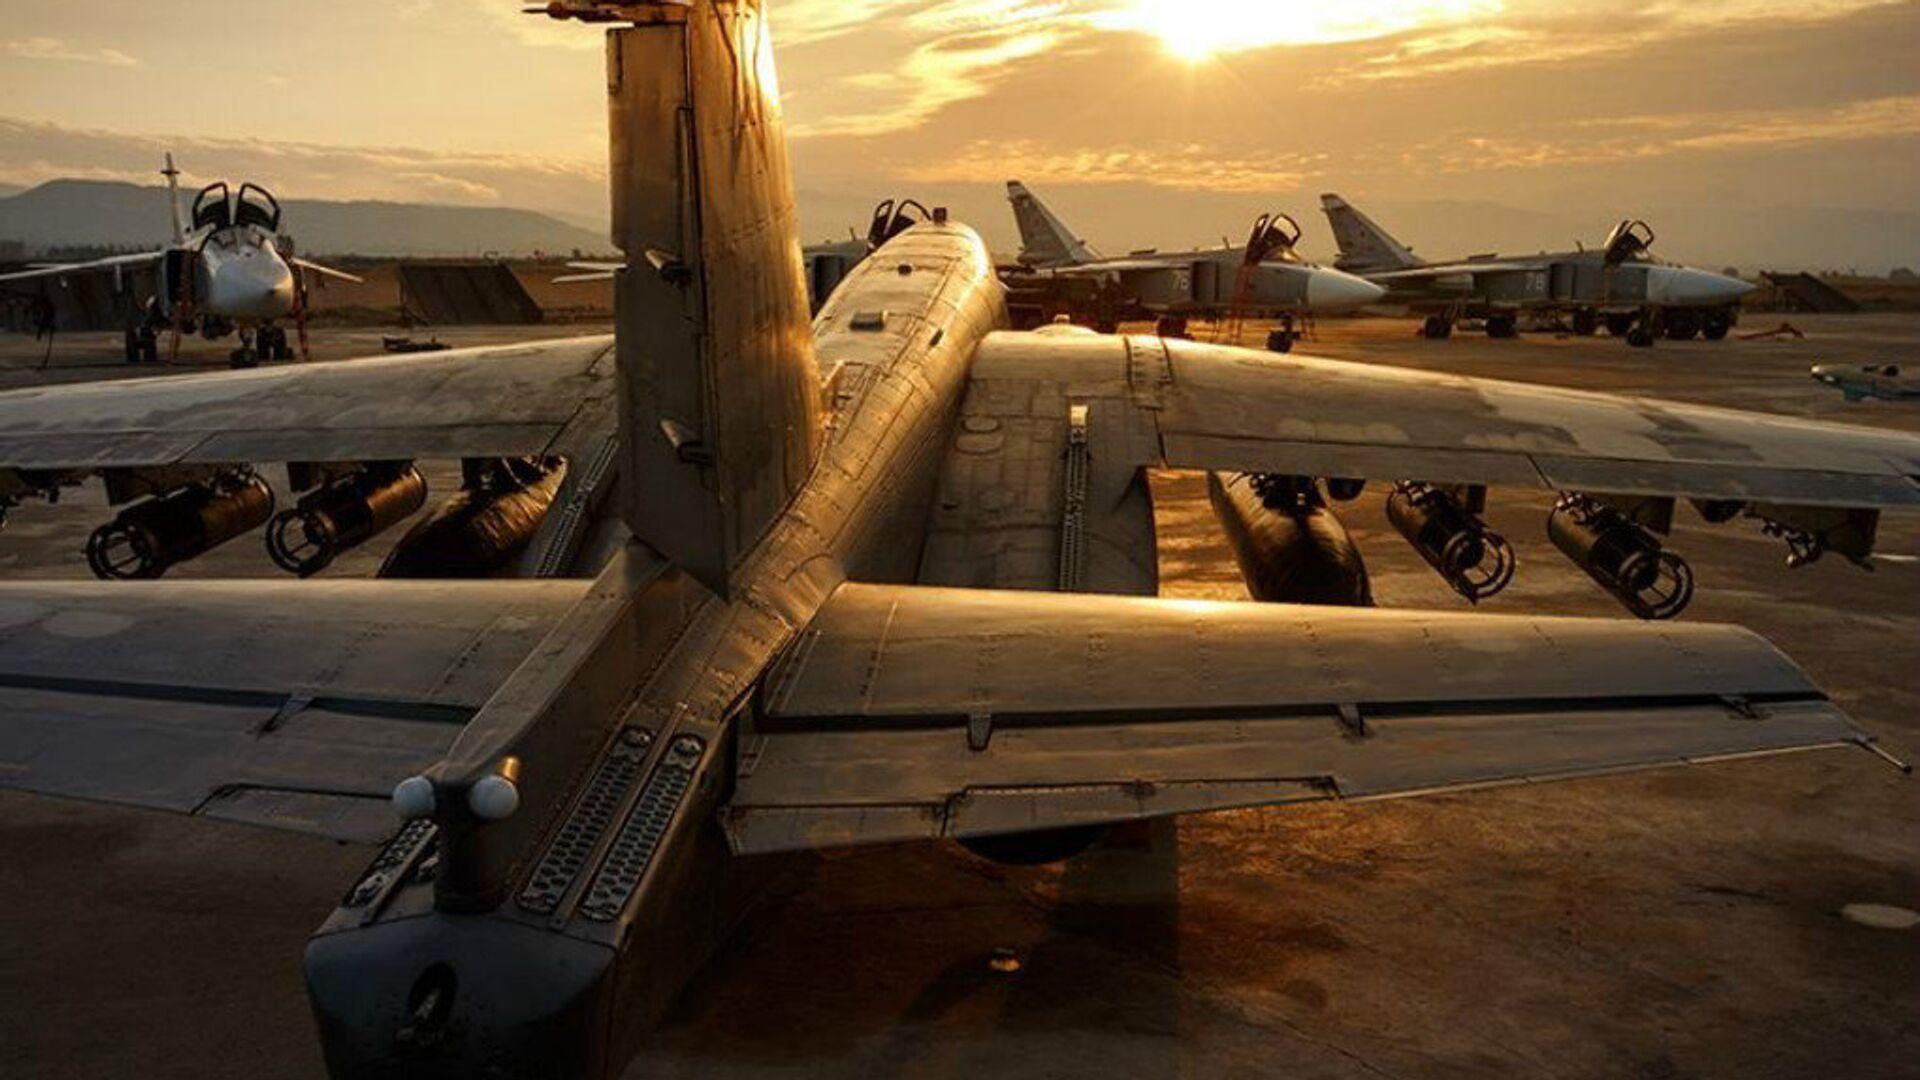 Руски војни авиони у бази Хмејмим у Сирији - Sputnik Србија, 1920, 12.08.2021